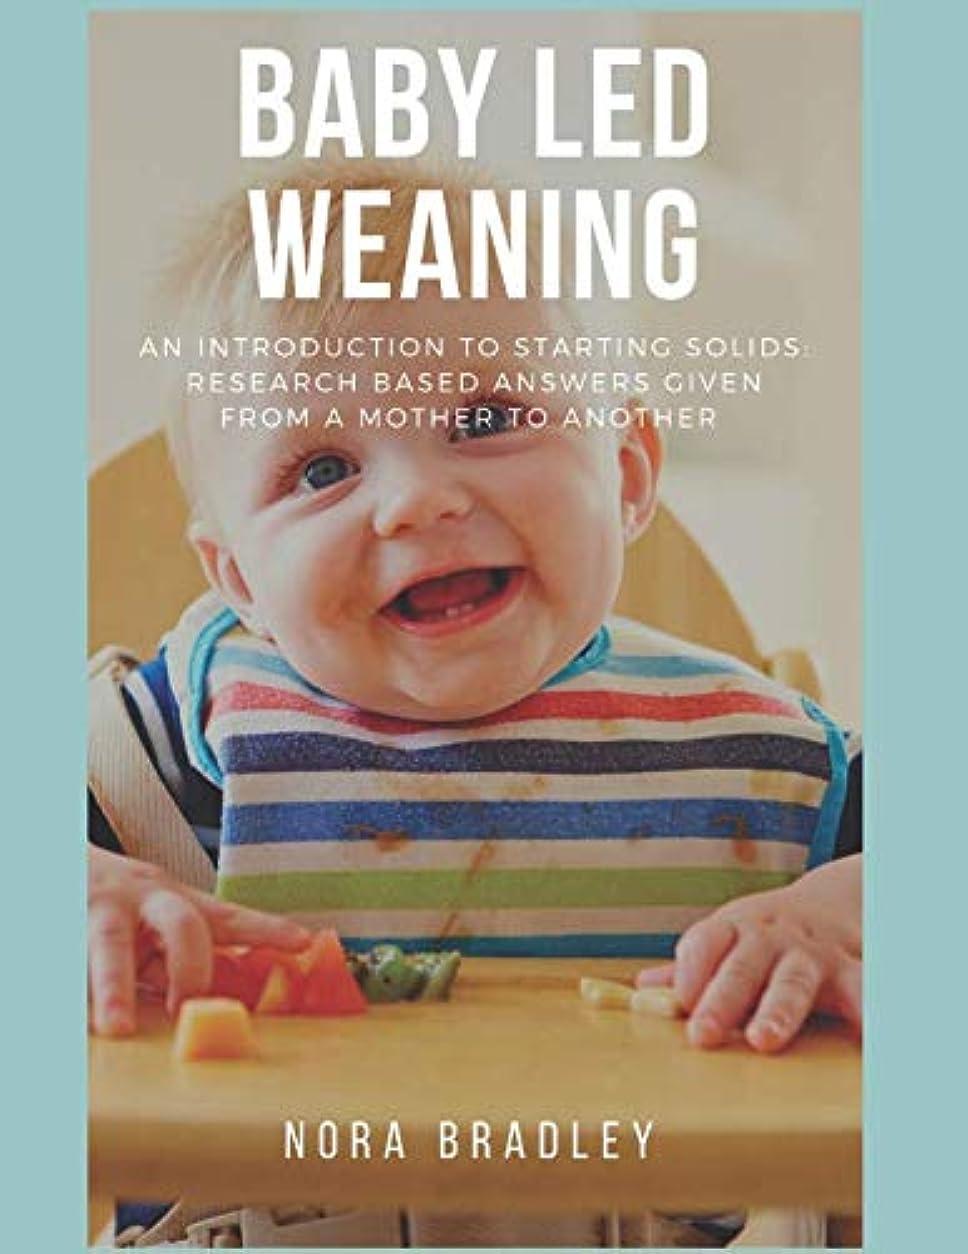 花婿動く人物Feed Yourself, Feed Your Family: Good Nutrition and Healthy Cooking for New Mums and Growing Families (English Edition)